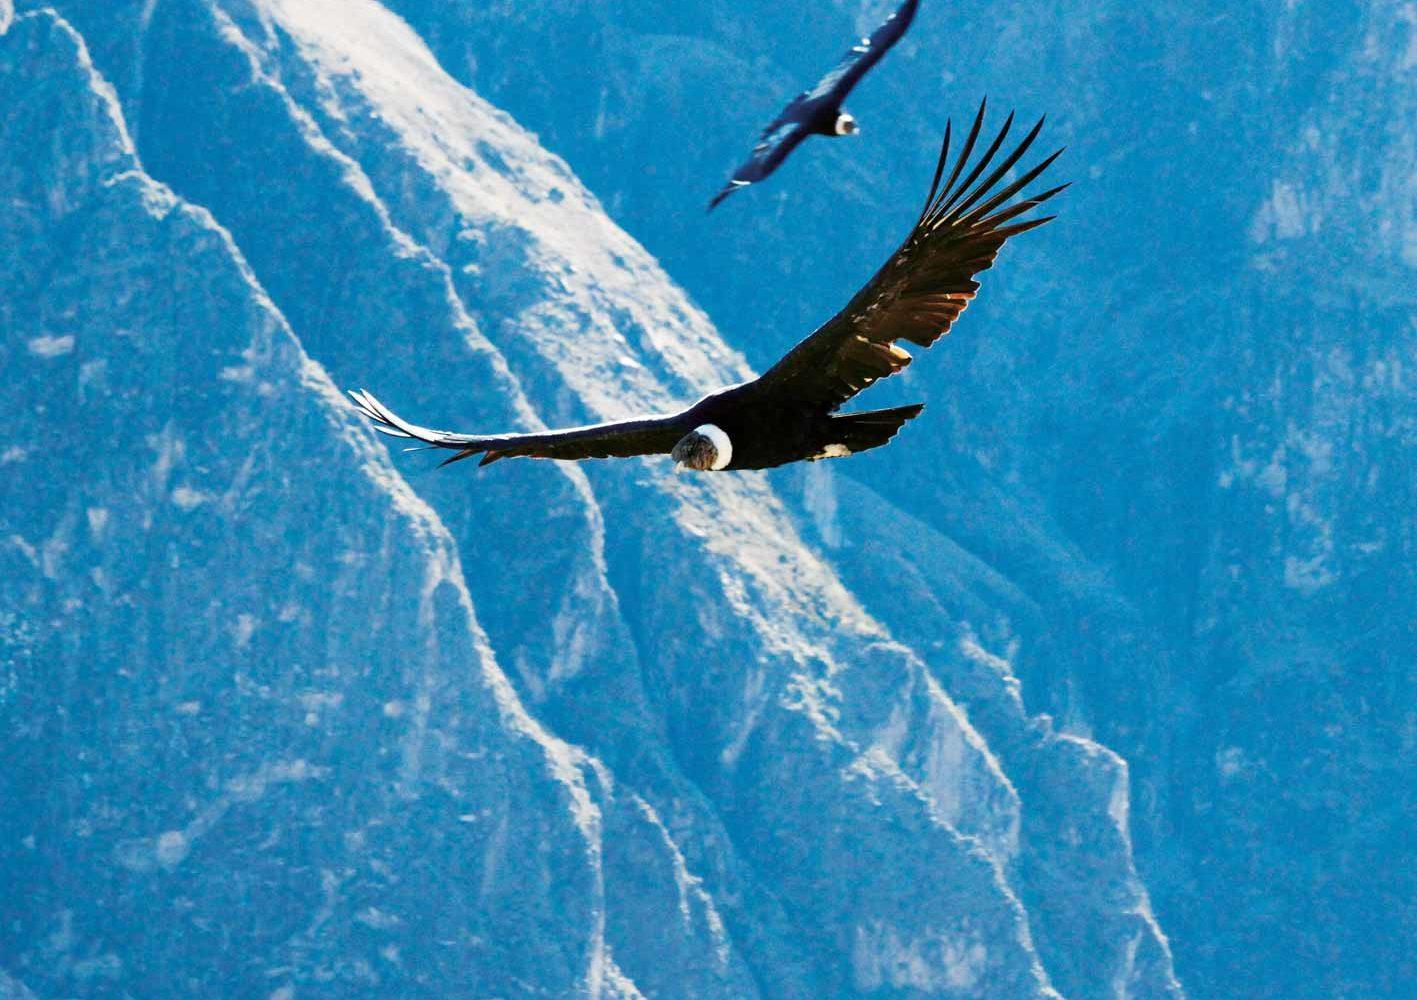 Kondore im Flug, Colca Canyon, Peru